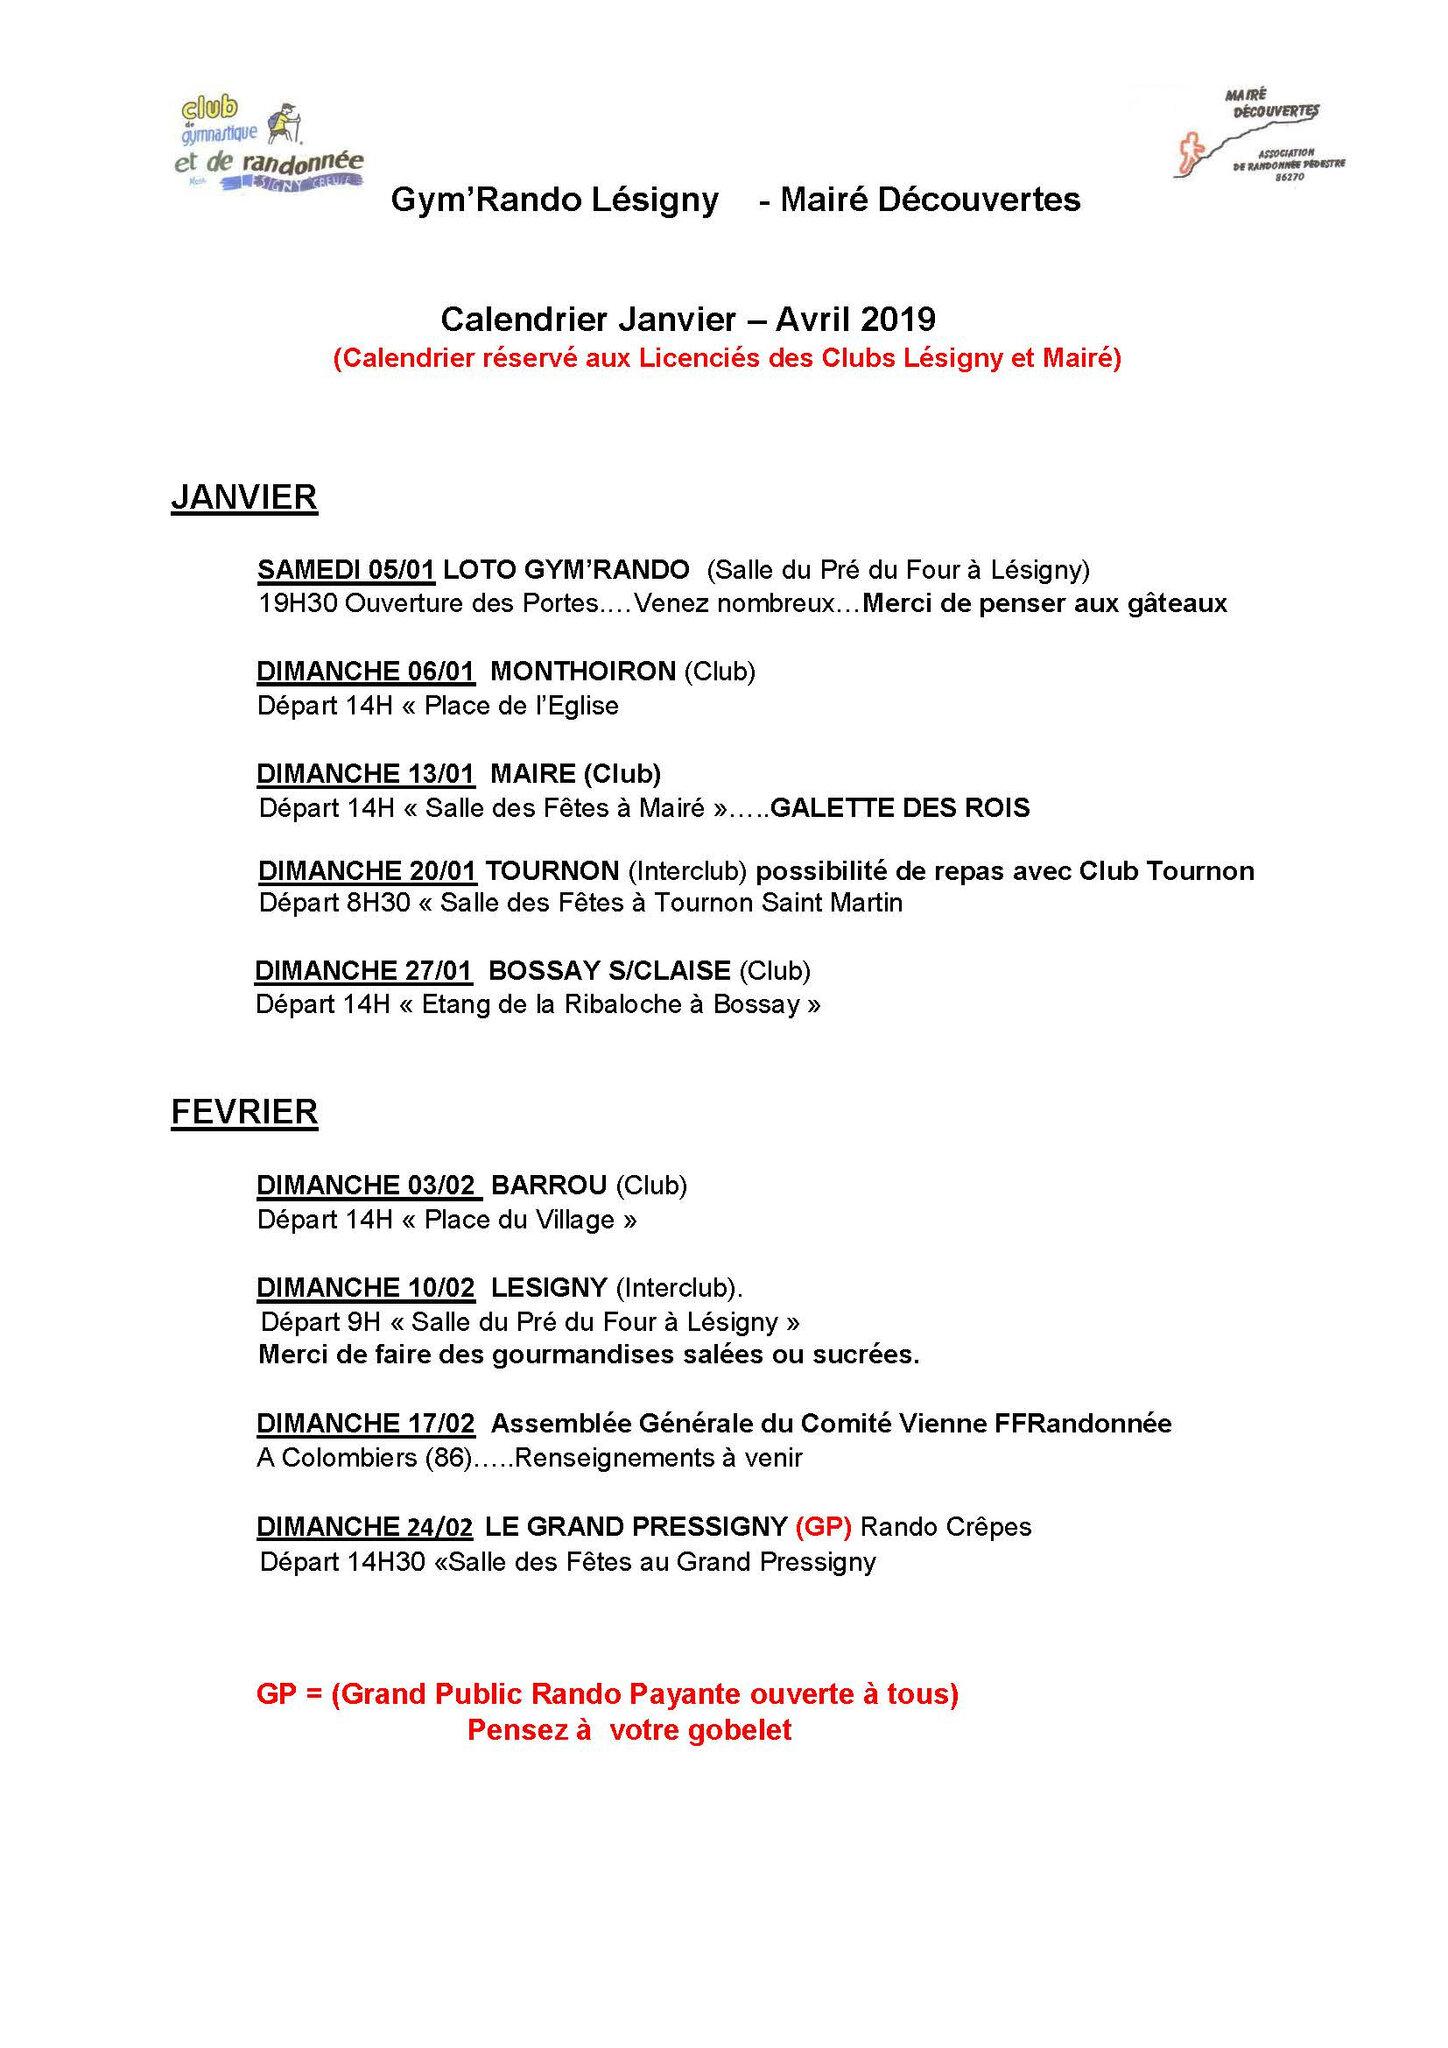 Calendrier Randonnée Pédestre Vienne 86 2021 Calendrier de Randonnées de Janvier à Avril 2019   Club de Gym